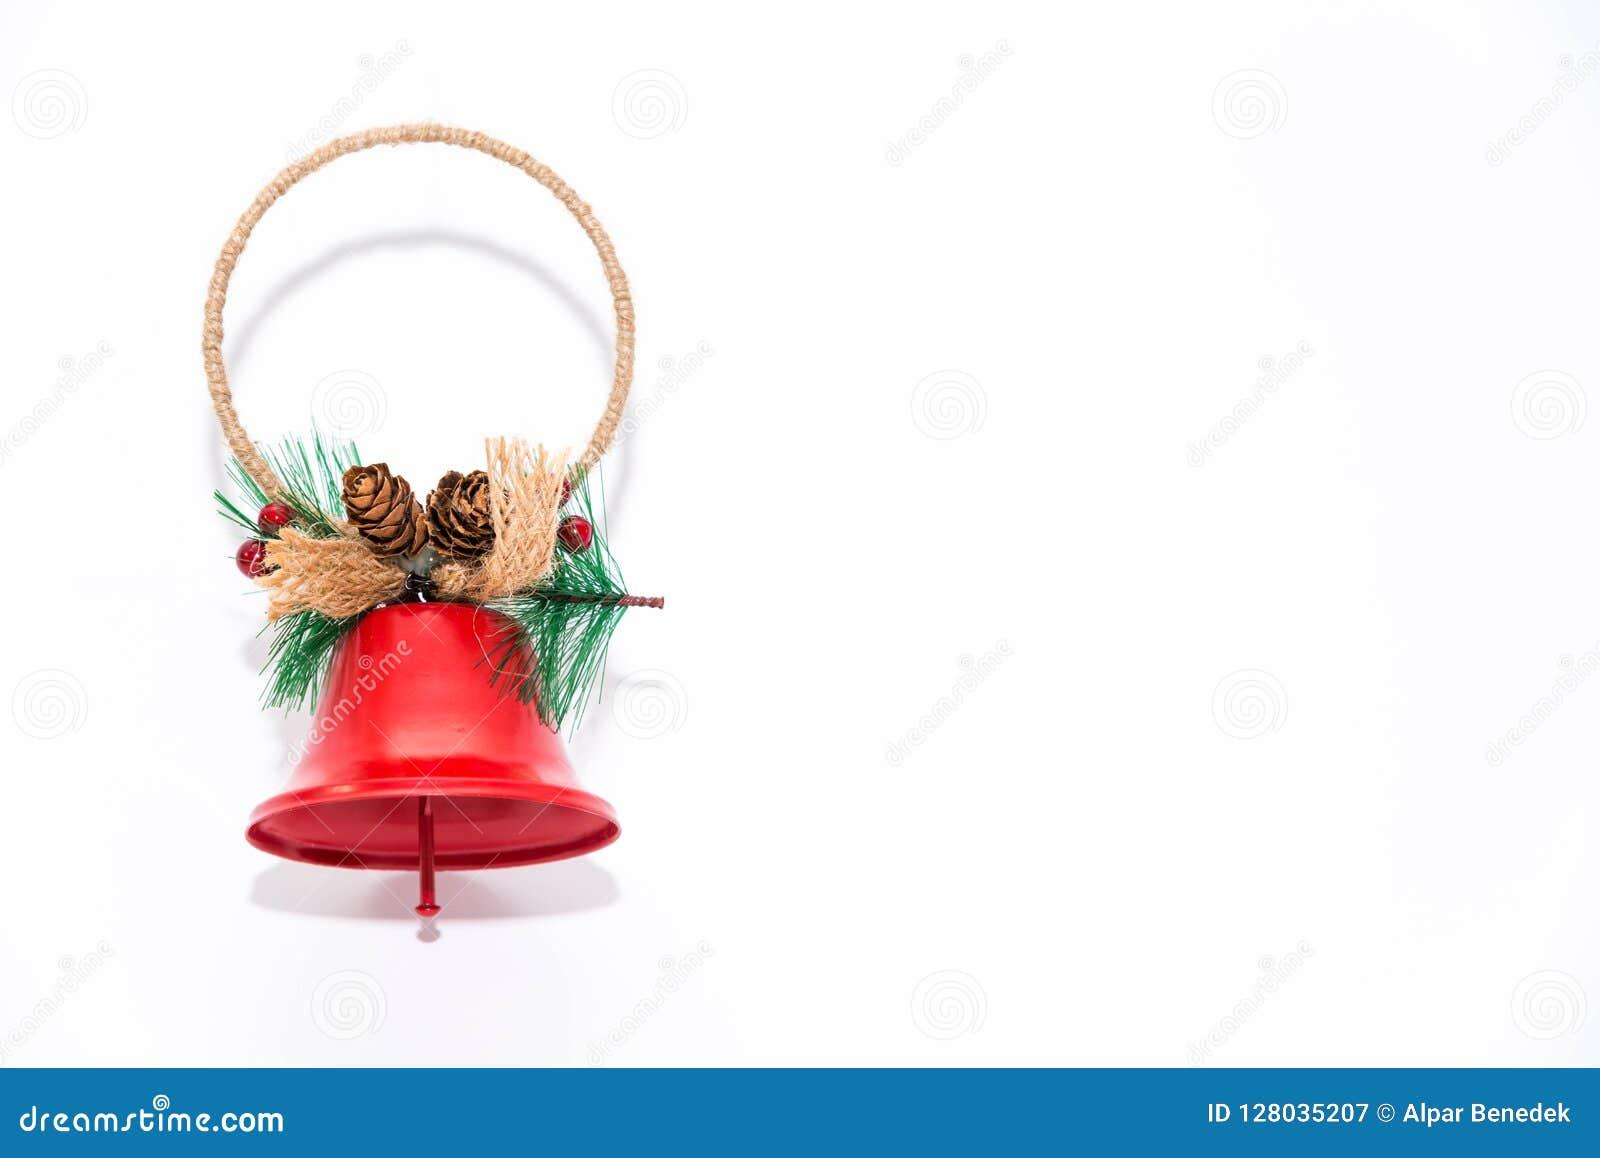 Колокол рождества, конец украшения орнаментов вверх изолированный на белой предпосылке